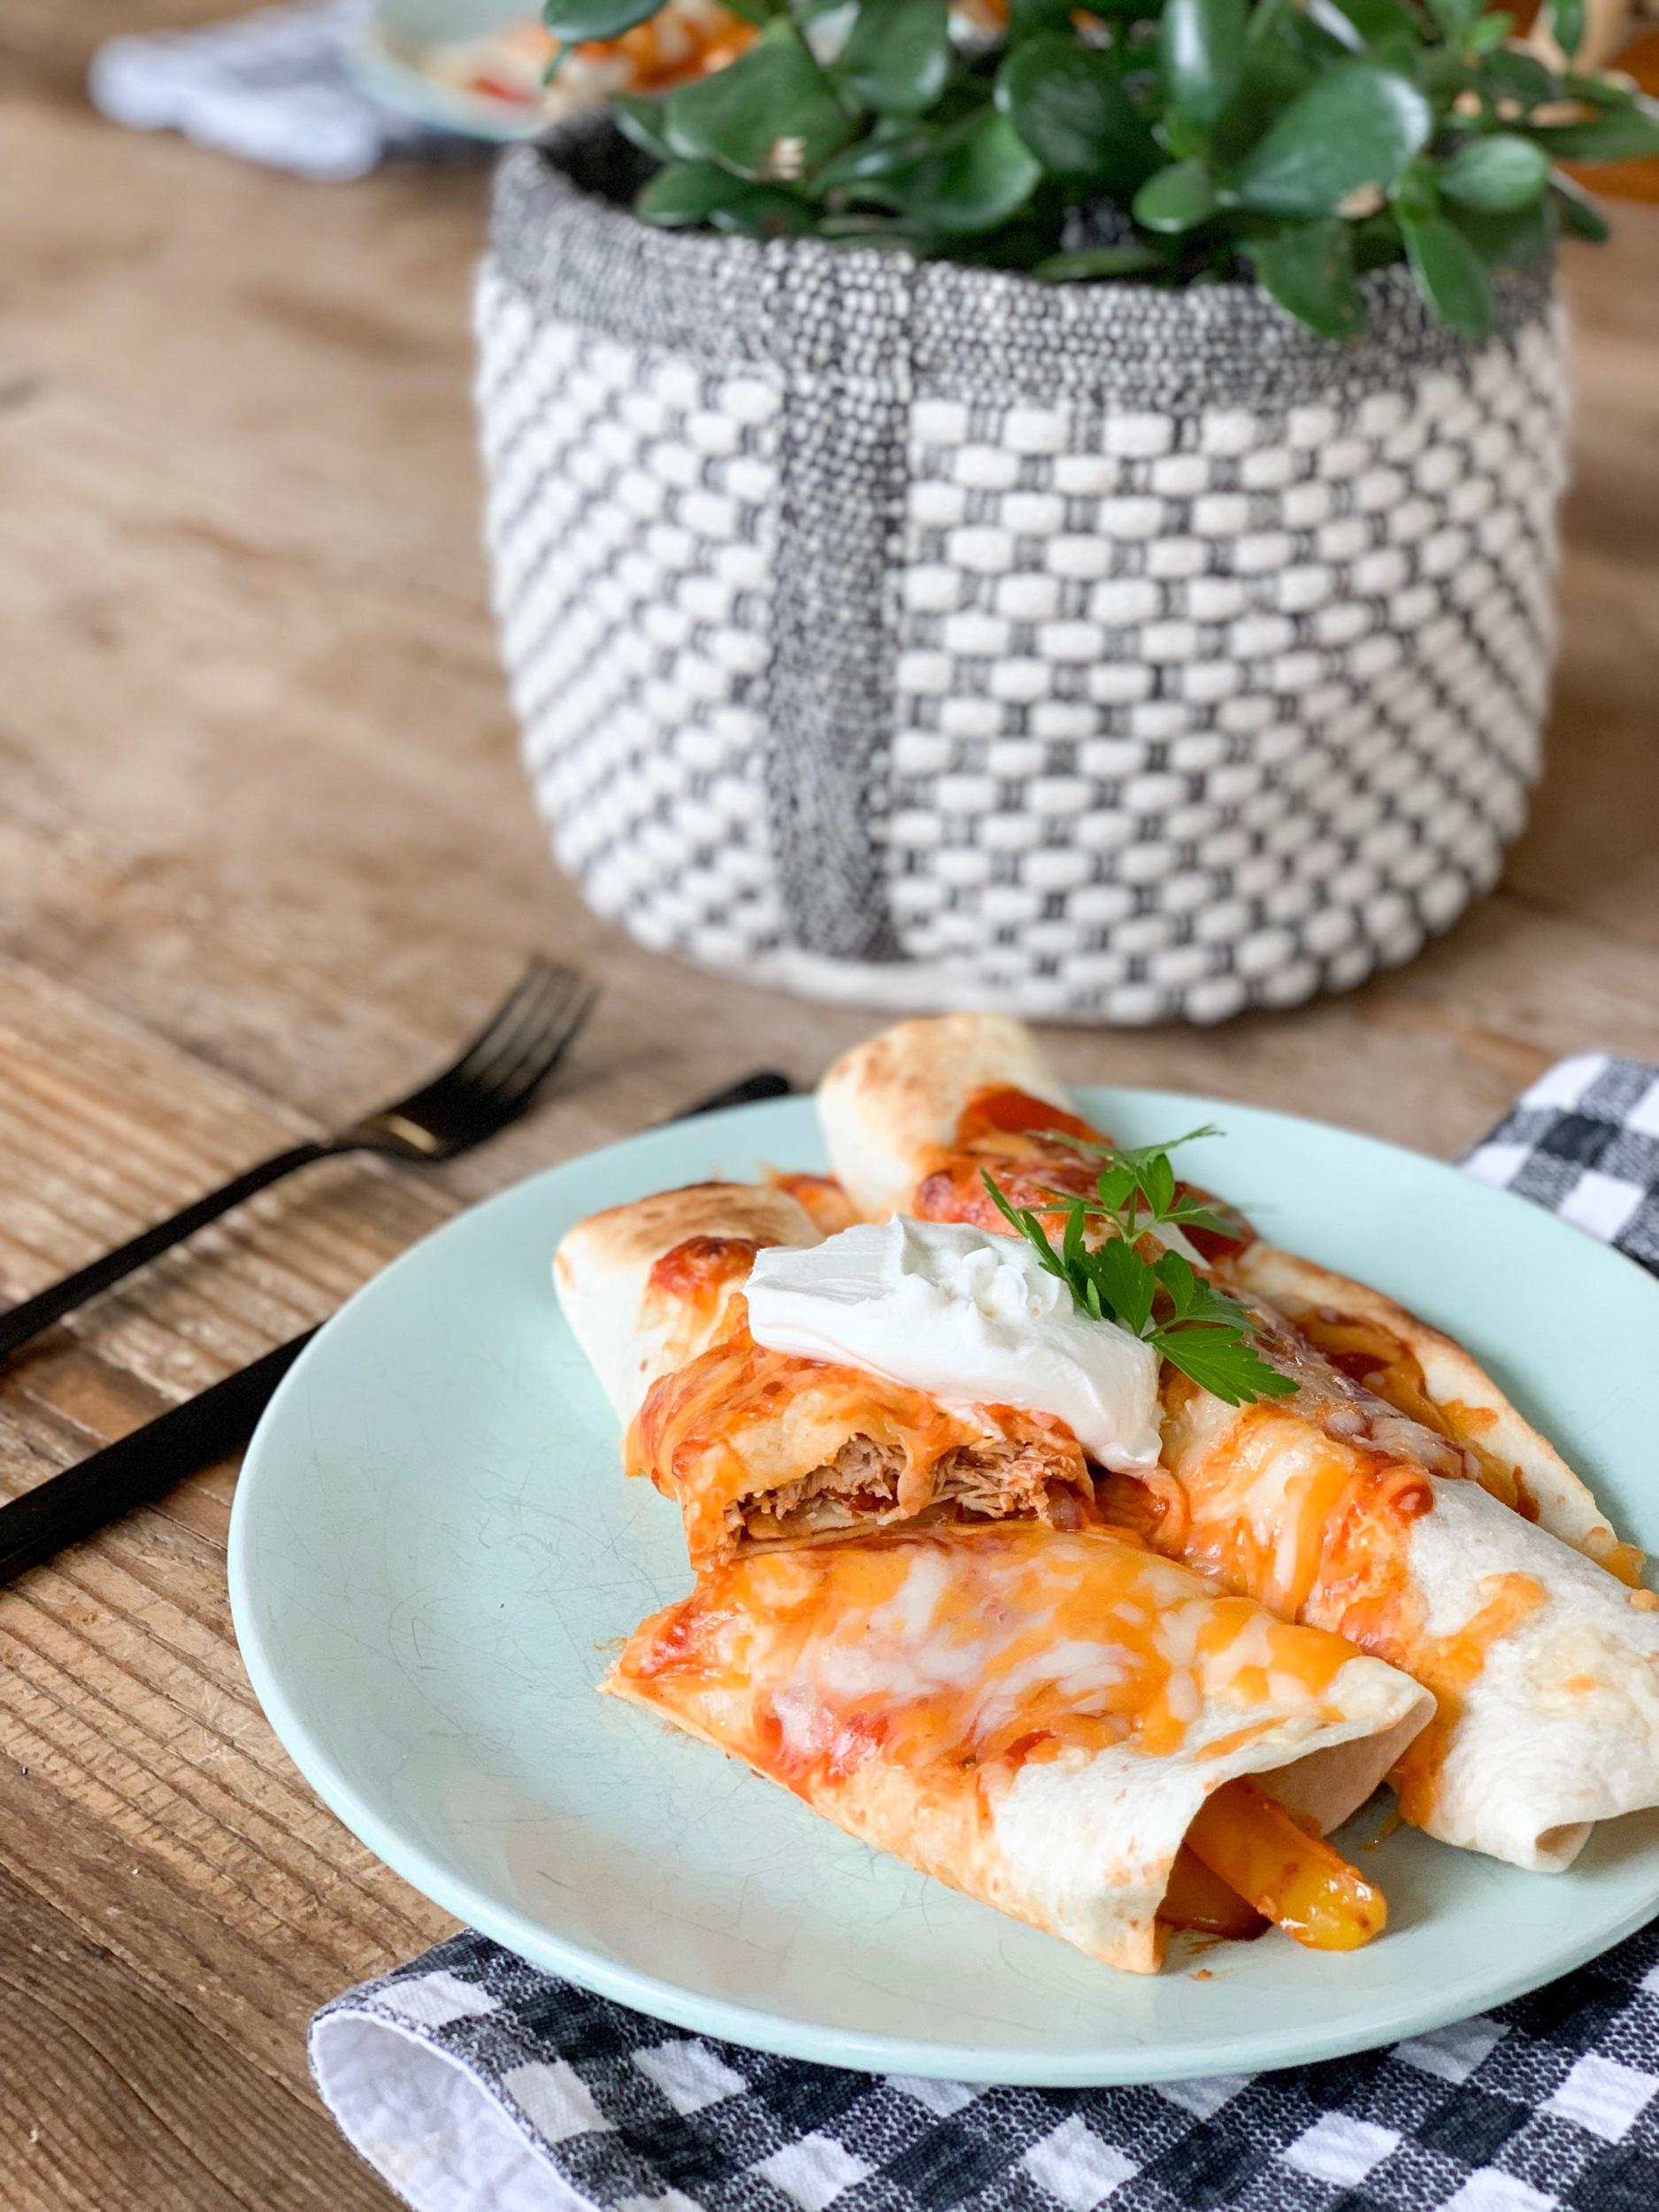 Ohmydearblog enchiladas